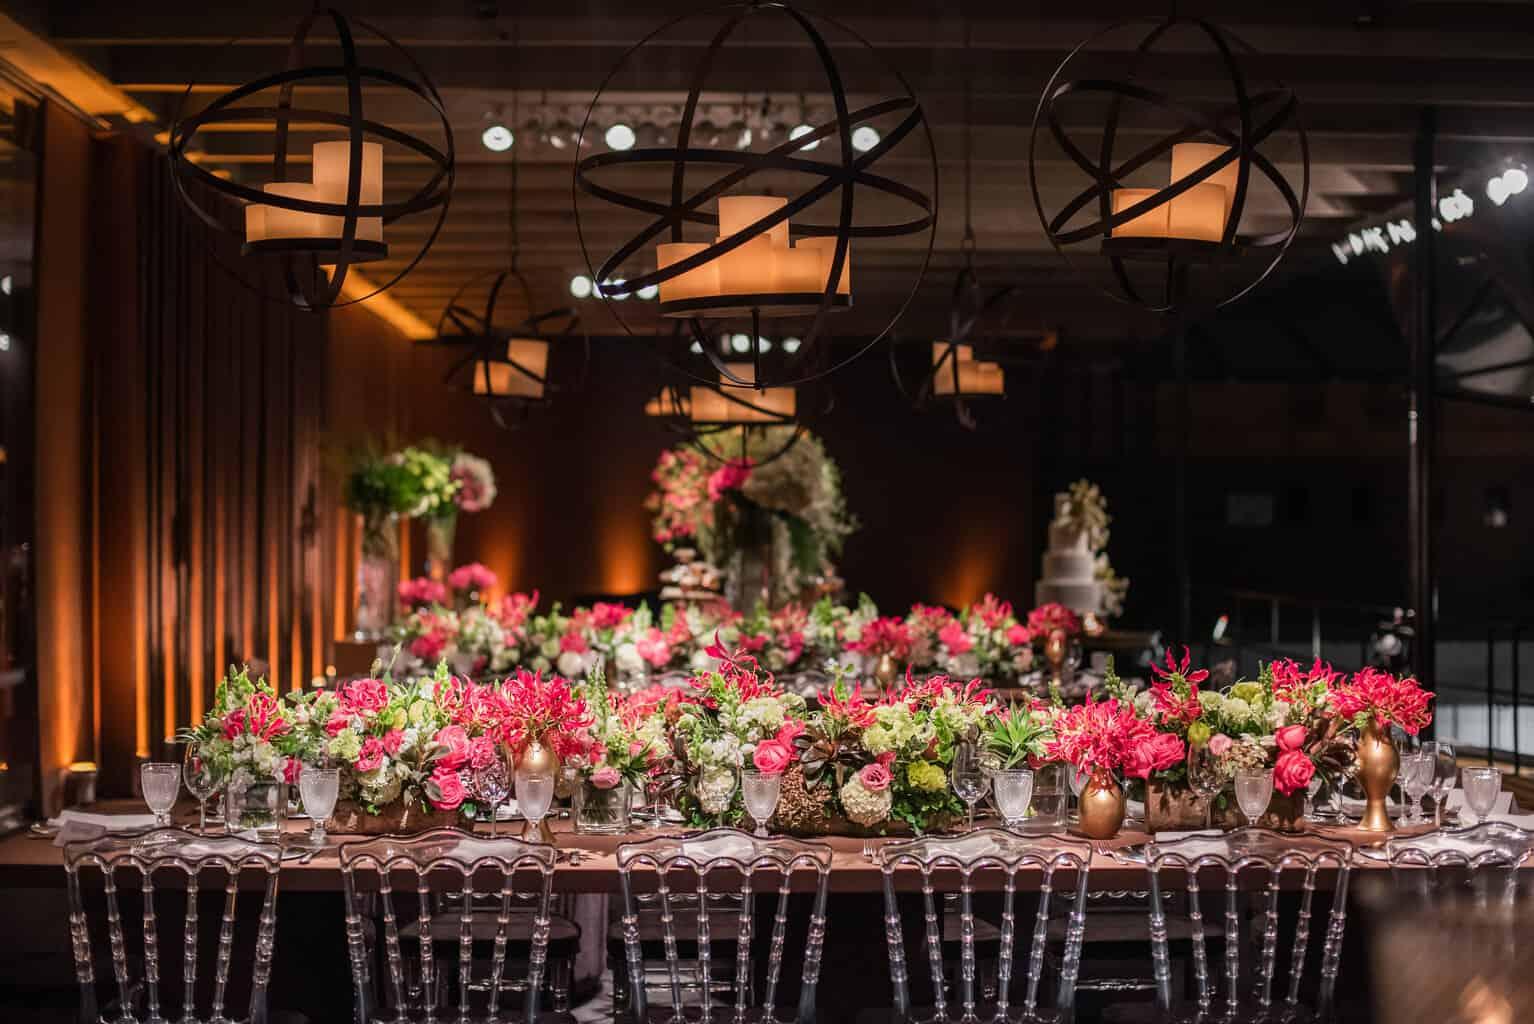 casamento-Karynna-e-Fernando-cerimonial-TCD-Eventos-decoração-Eugenia-Guerrera-Decoração-Melanie-Schmid-fotografia-Marina-Fava21